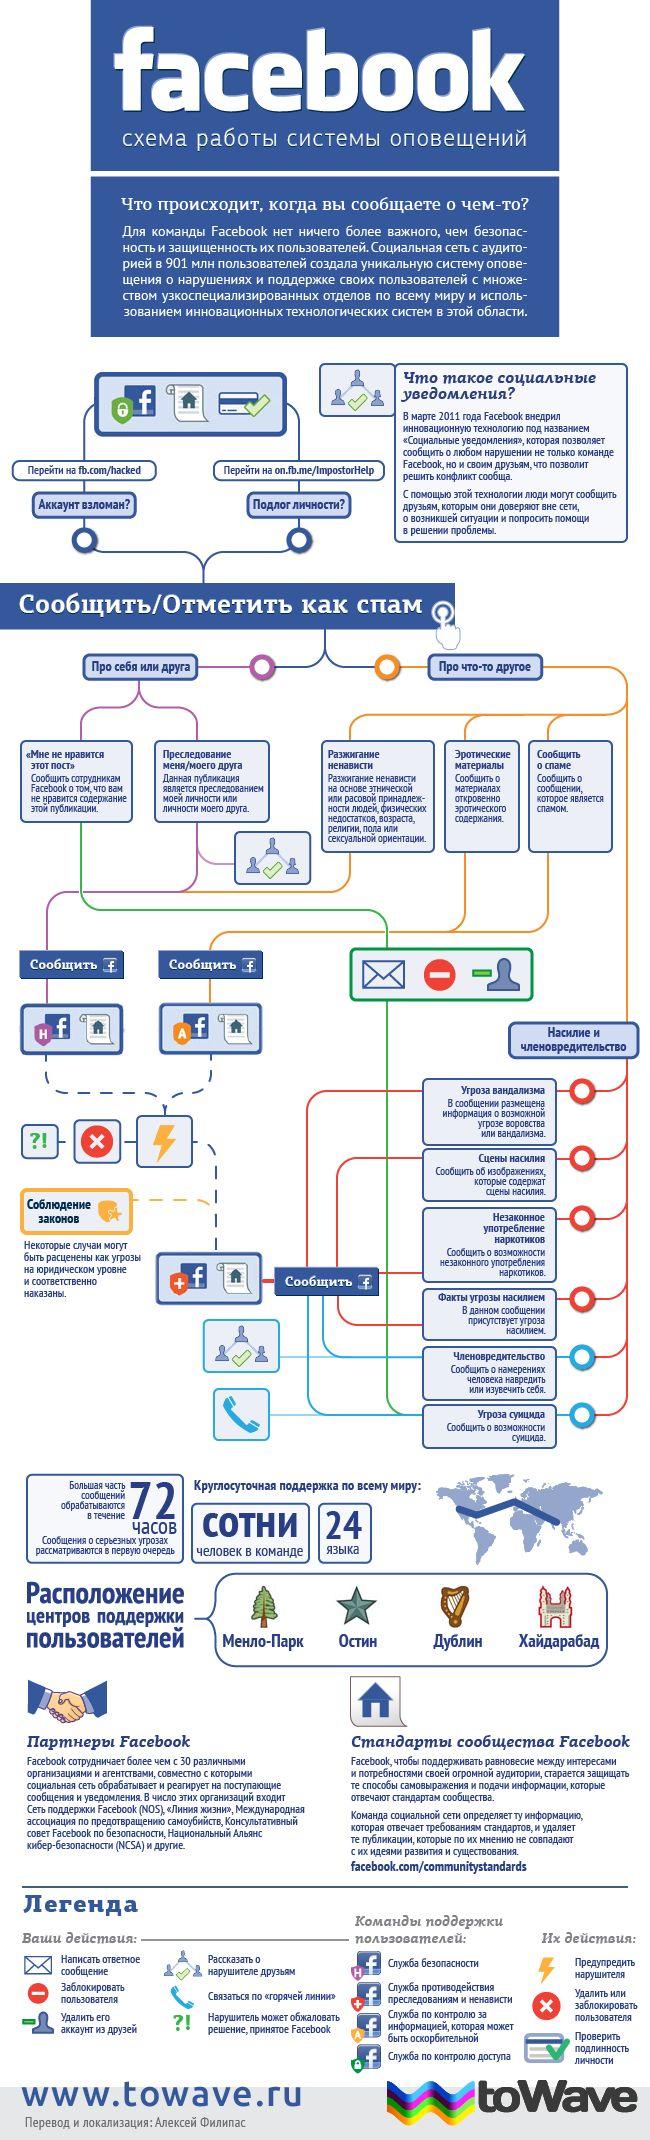 Инфографика: схема работы системы оповещений Facebook